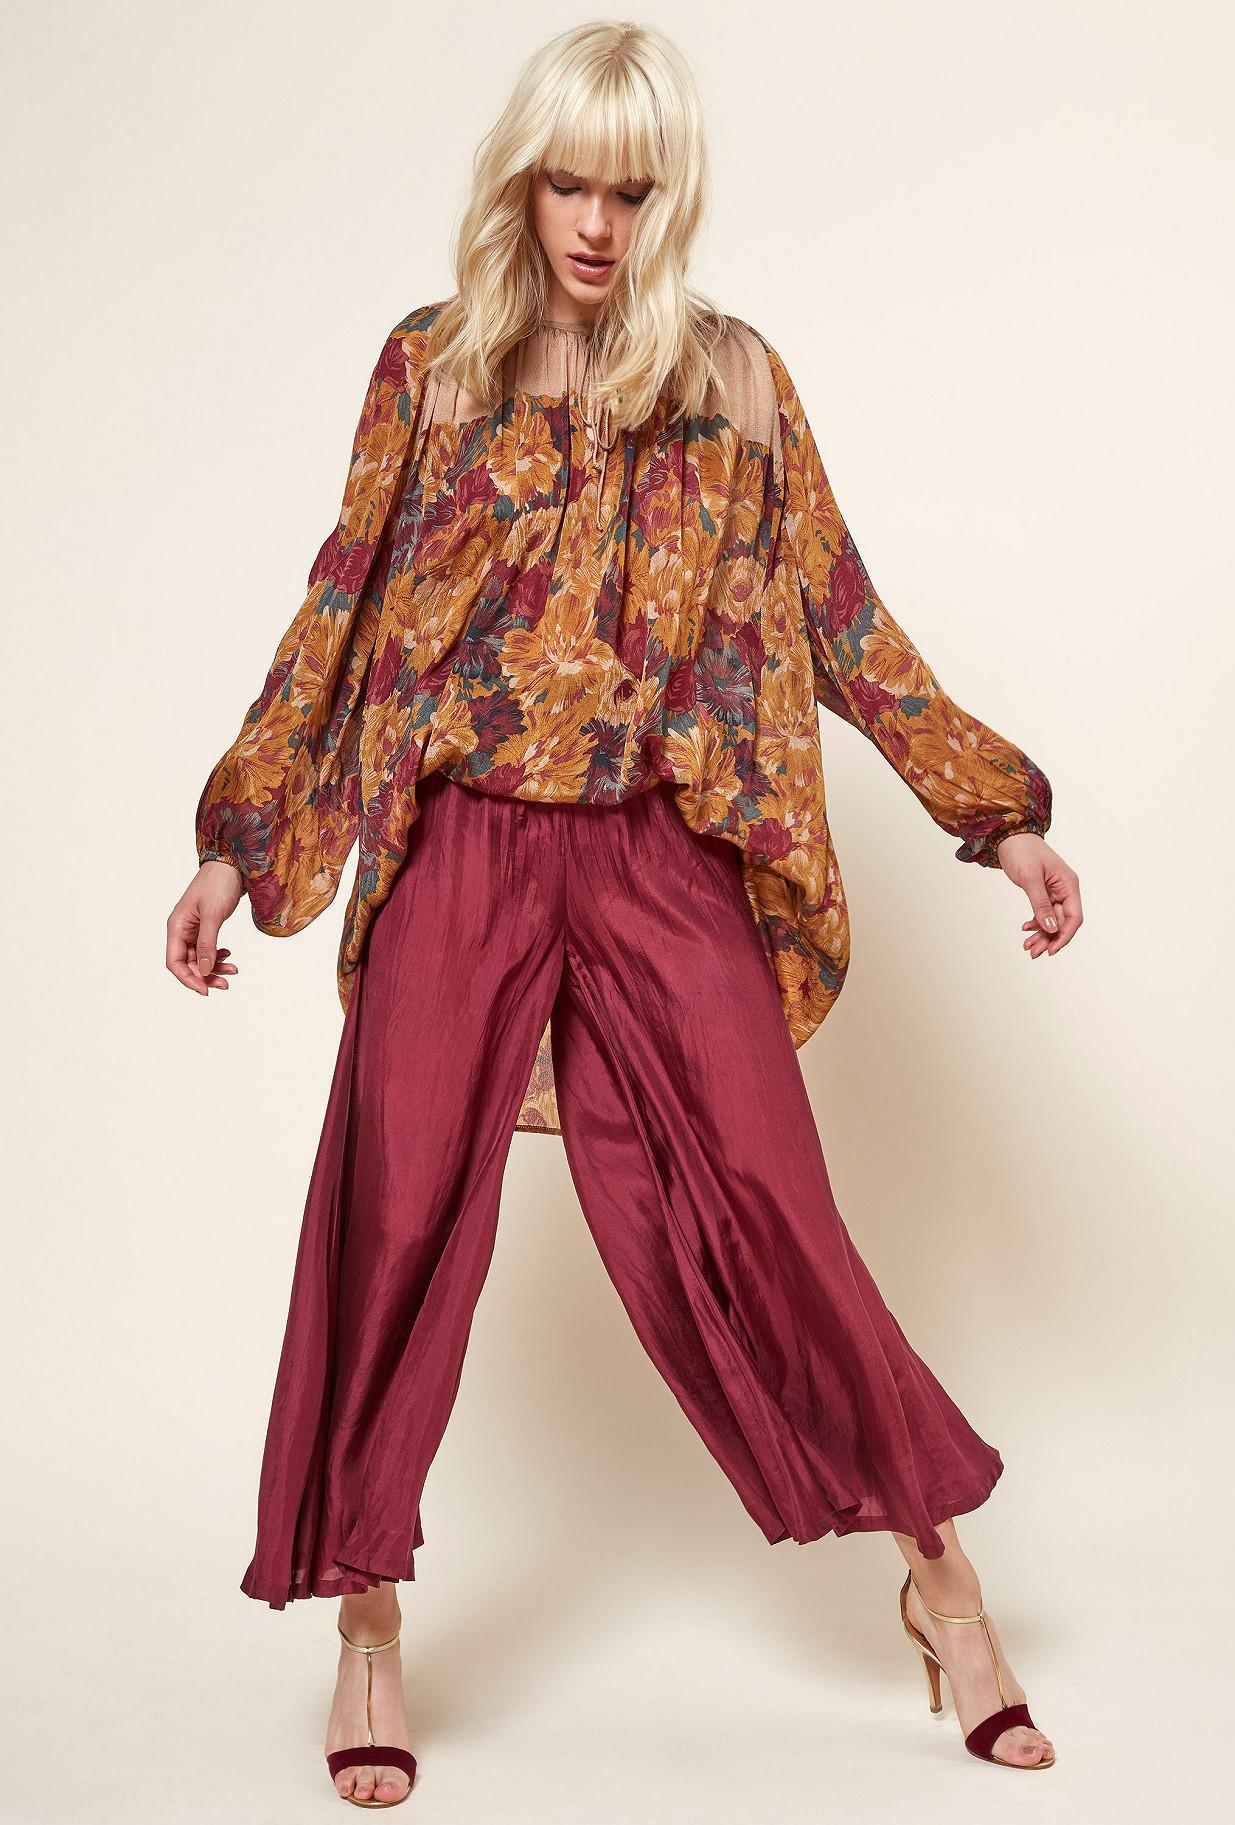 Paris clothes store Blouse  Orel french designer fashion Paris